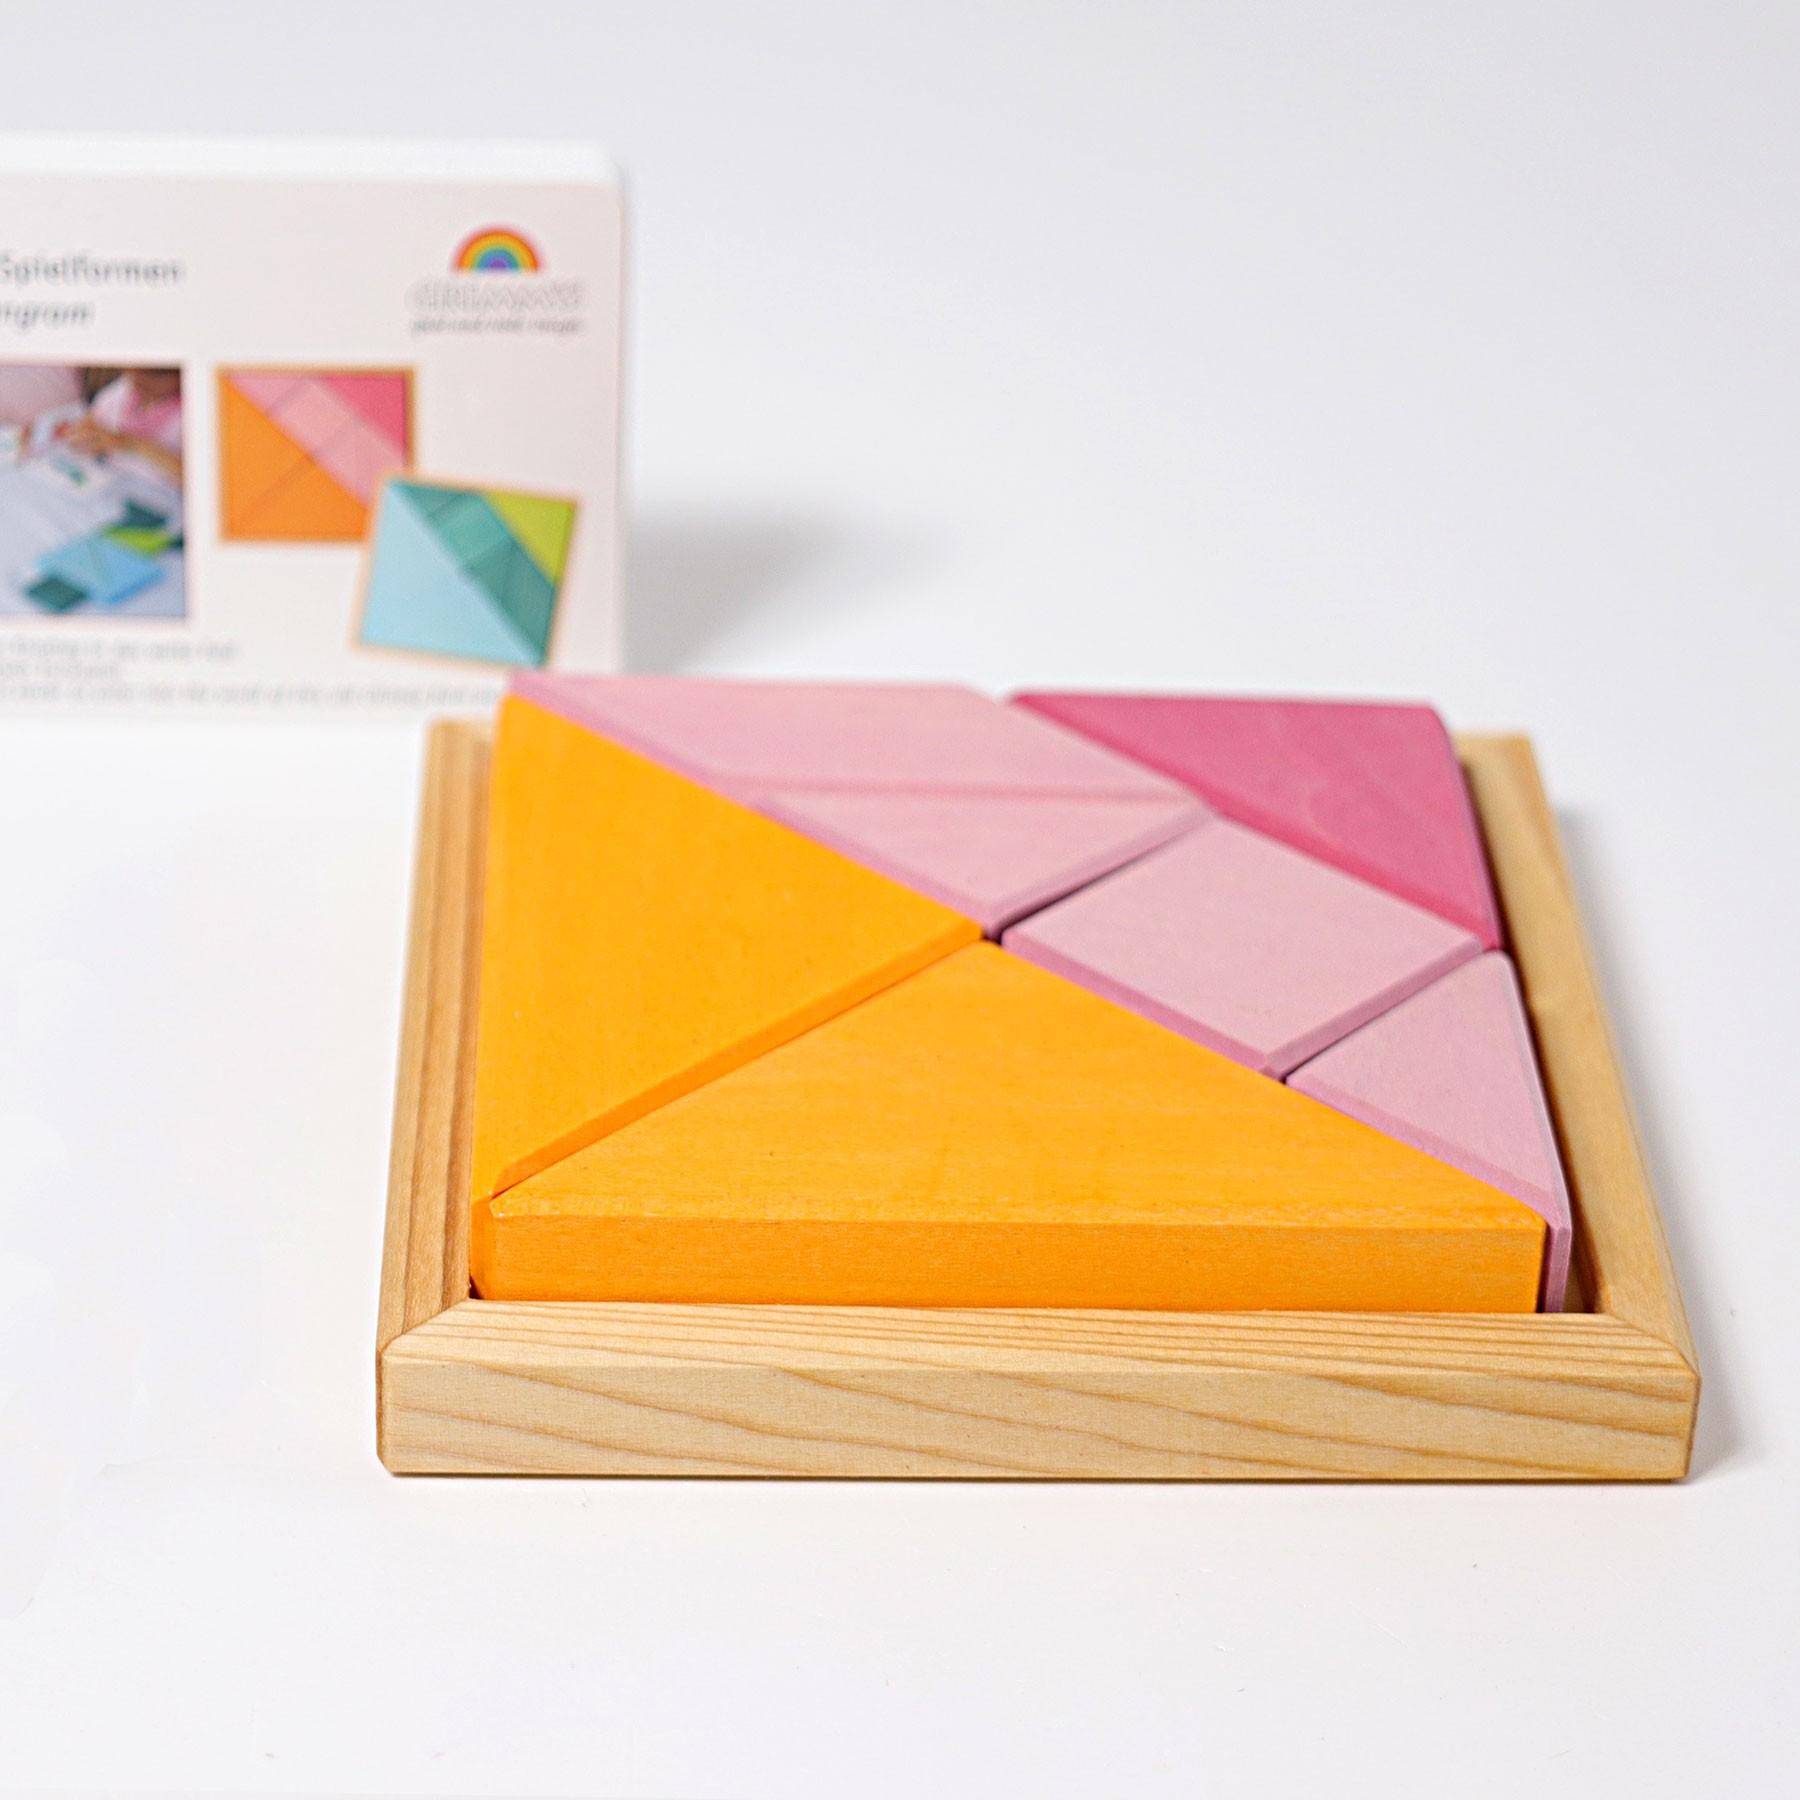 Grimms Creative Tangram Set - Orange-Pink tout Tangram Cycle 3